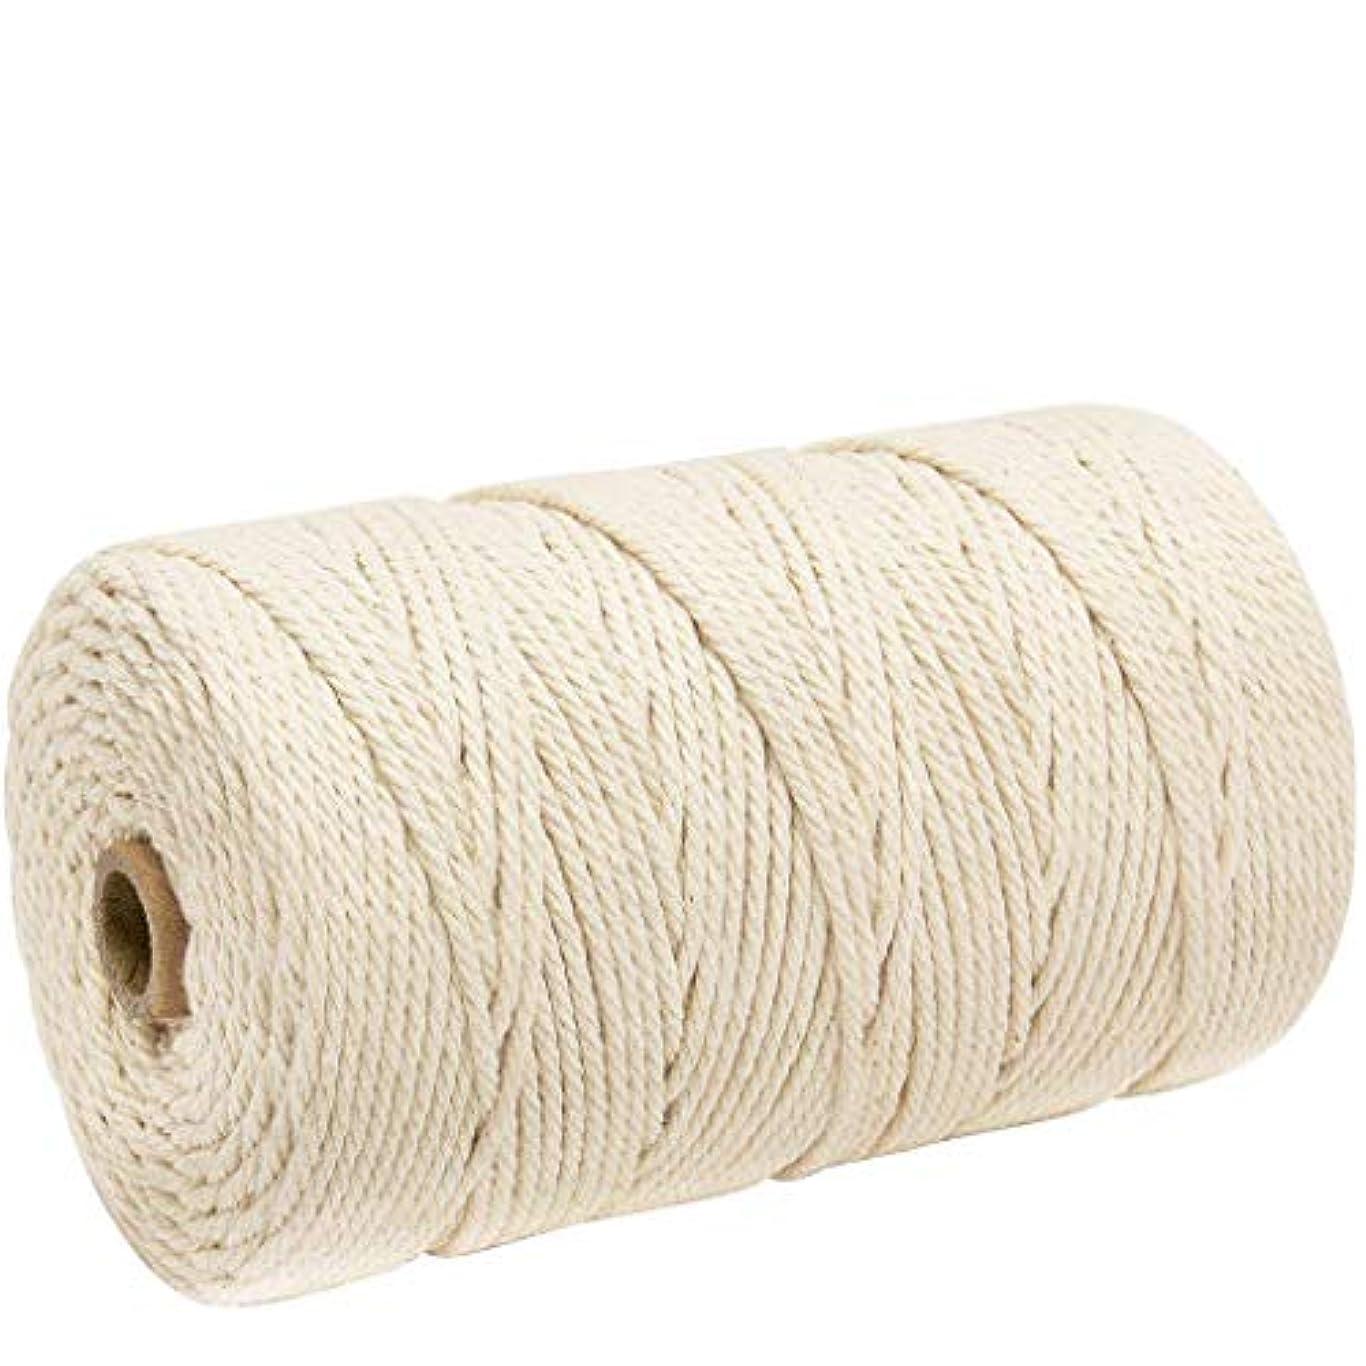 イノセンスモバイル祝福ナチュラルコットン マクラメ ロープ 紐 糸 手作り編み糸 綿 DIY壁掛けハンガークラフト編みコードロープ 3㎜ 200m (ライスホワイト)